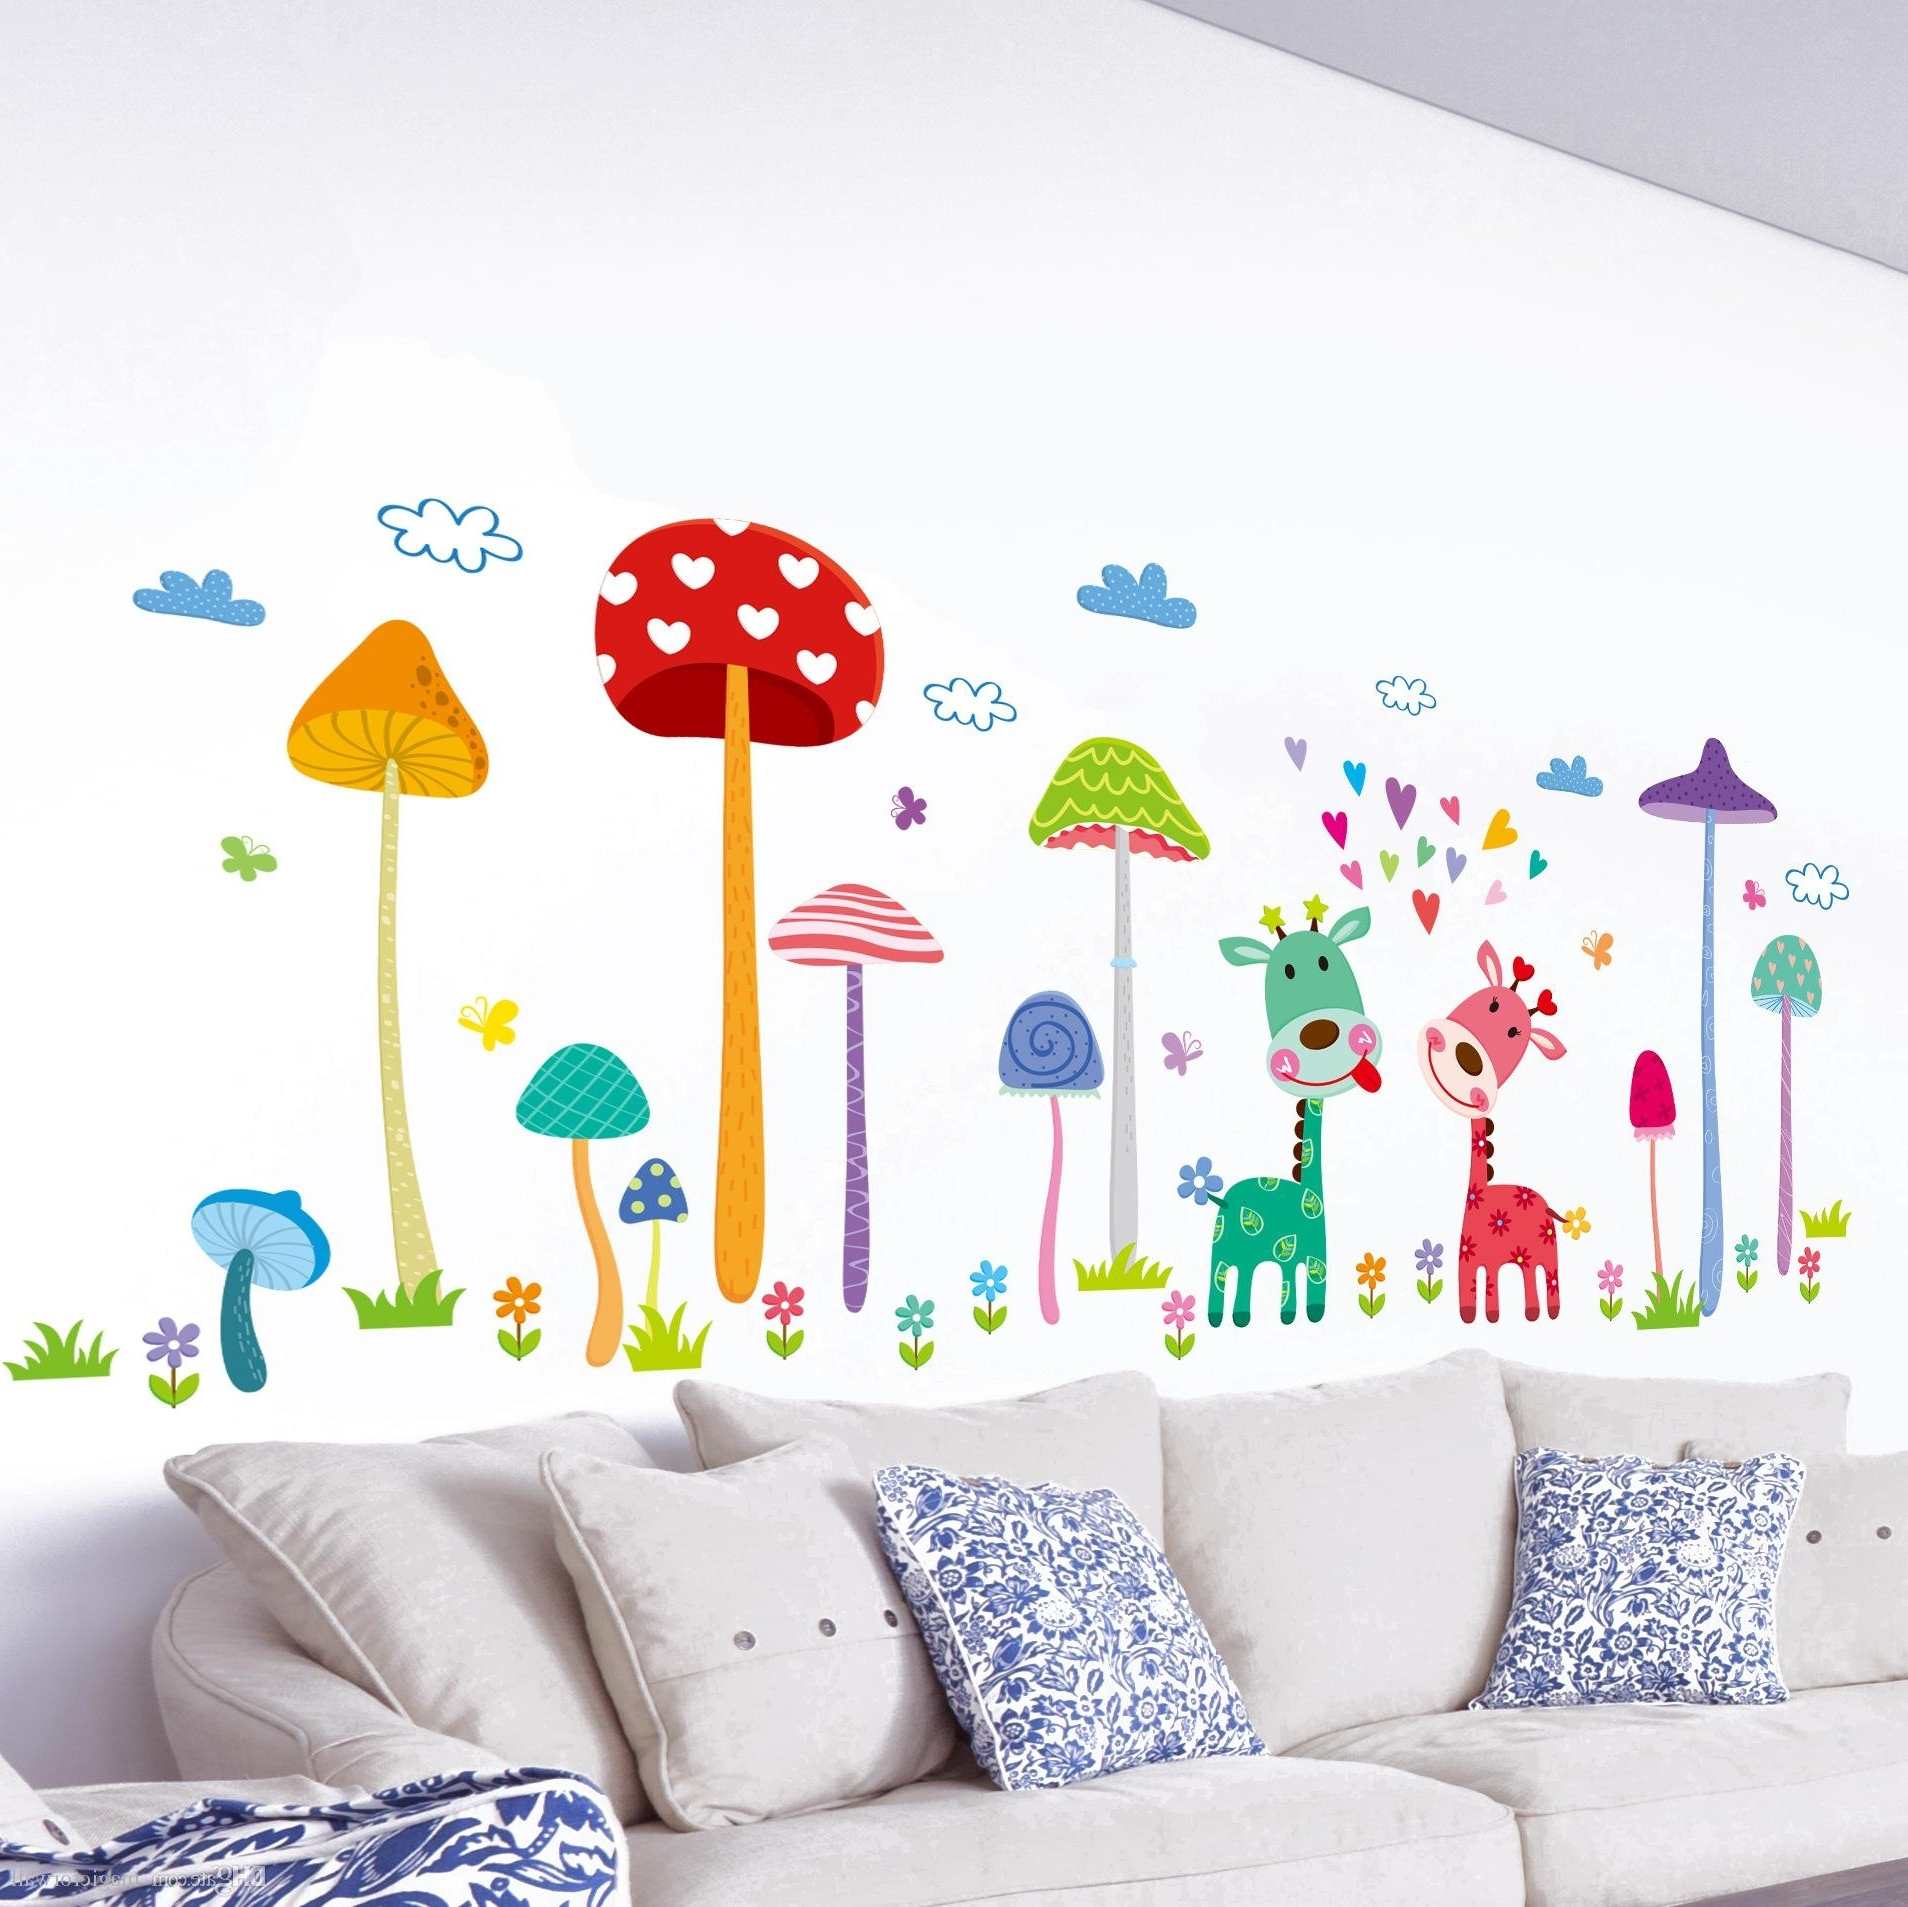 Well Known Forest Mushroom Deer Animals Home Wall Art Mural Decor Kids Babies Regarding Wall Art Decors (View 12 of 15)